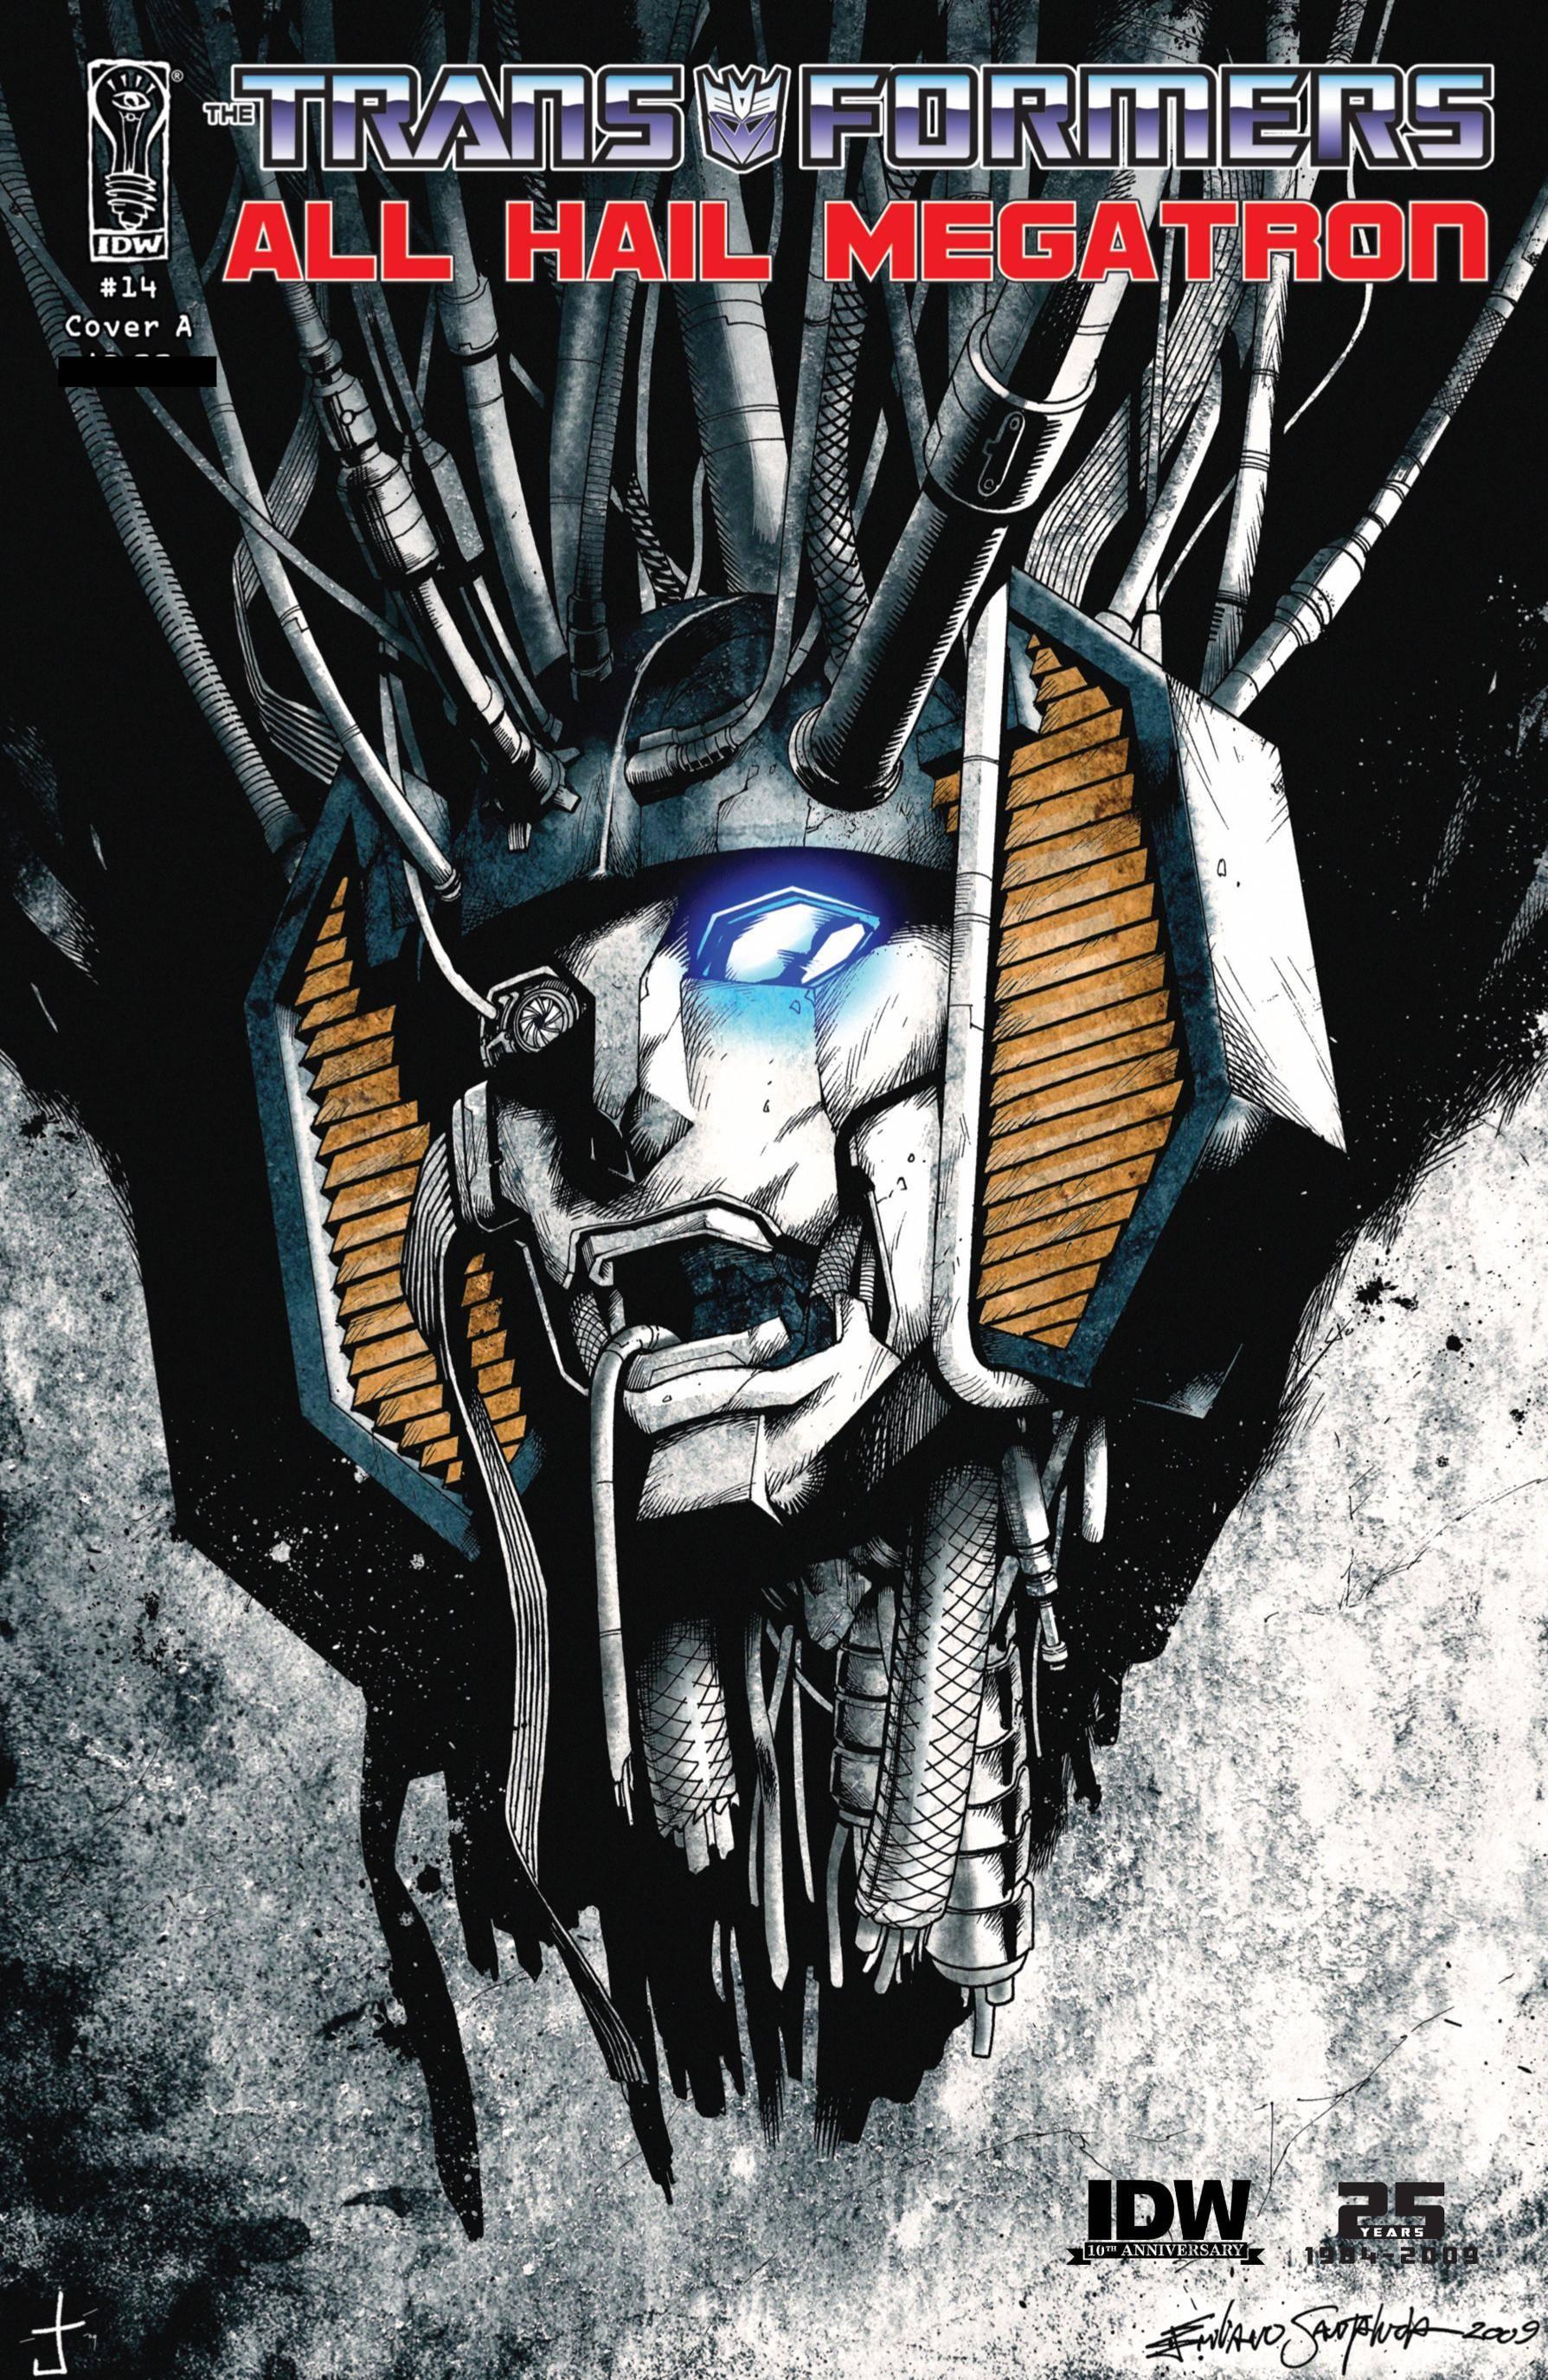 Transformers-All.Hail.Megatron.014.2009.Digital.Asgard-Empire